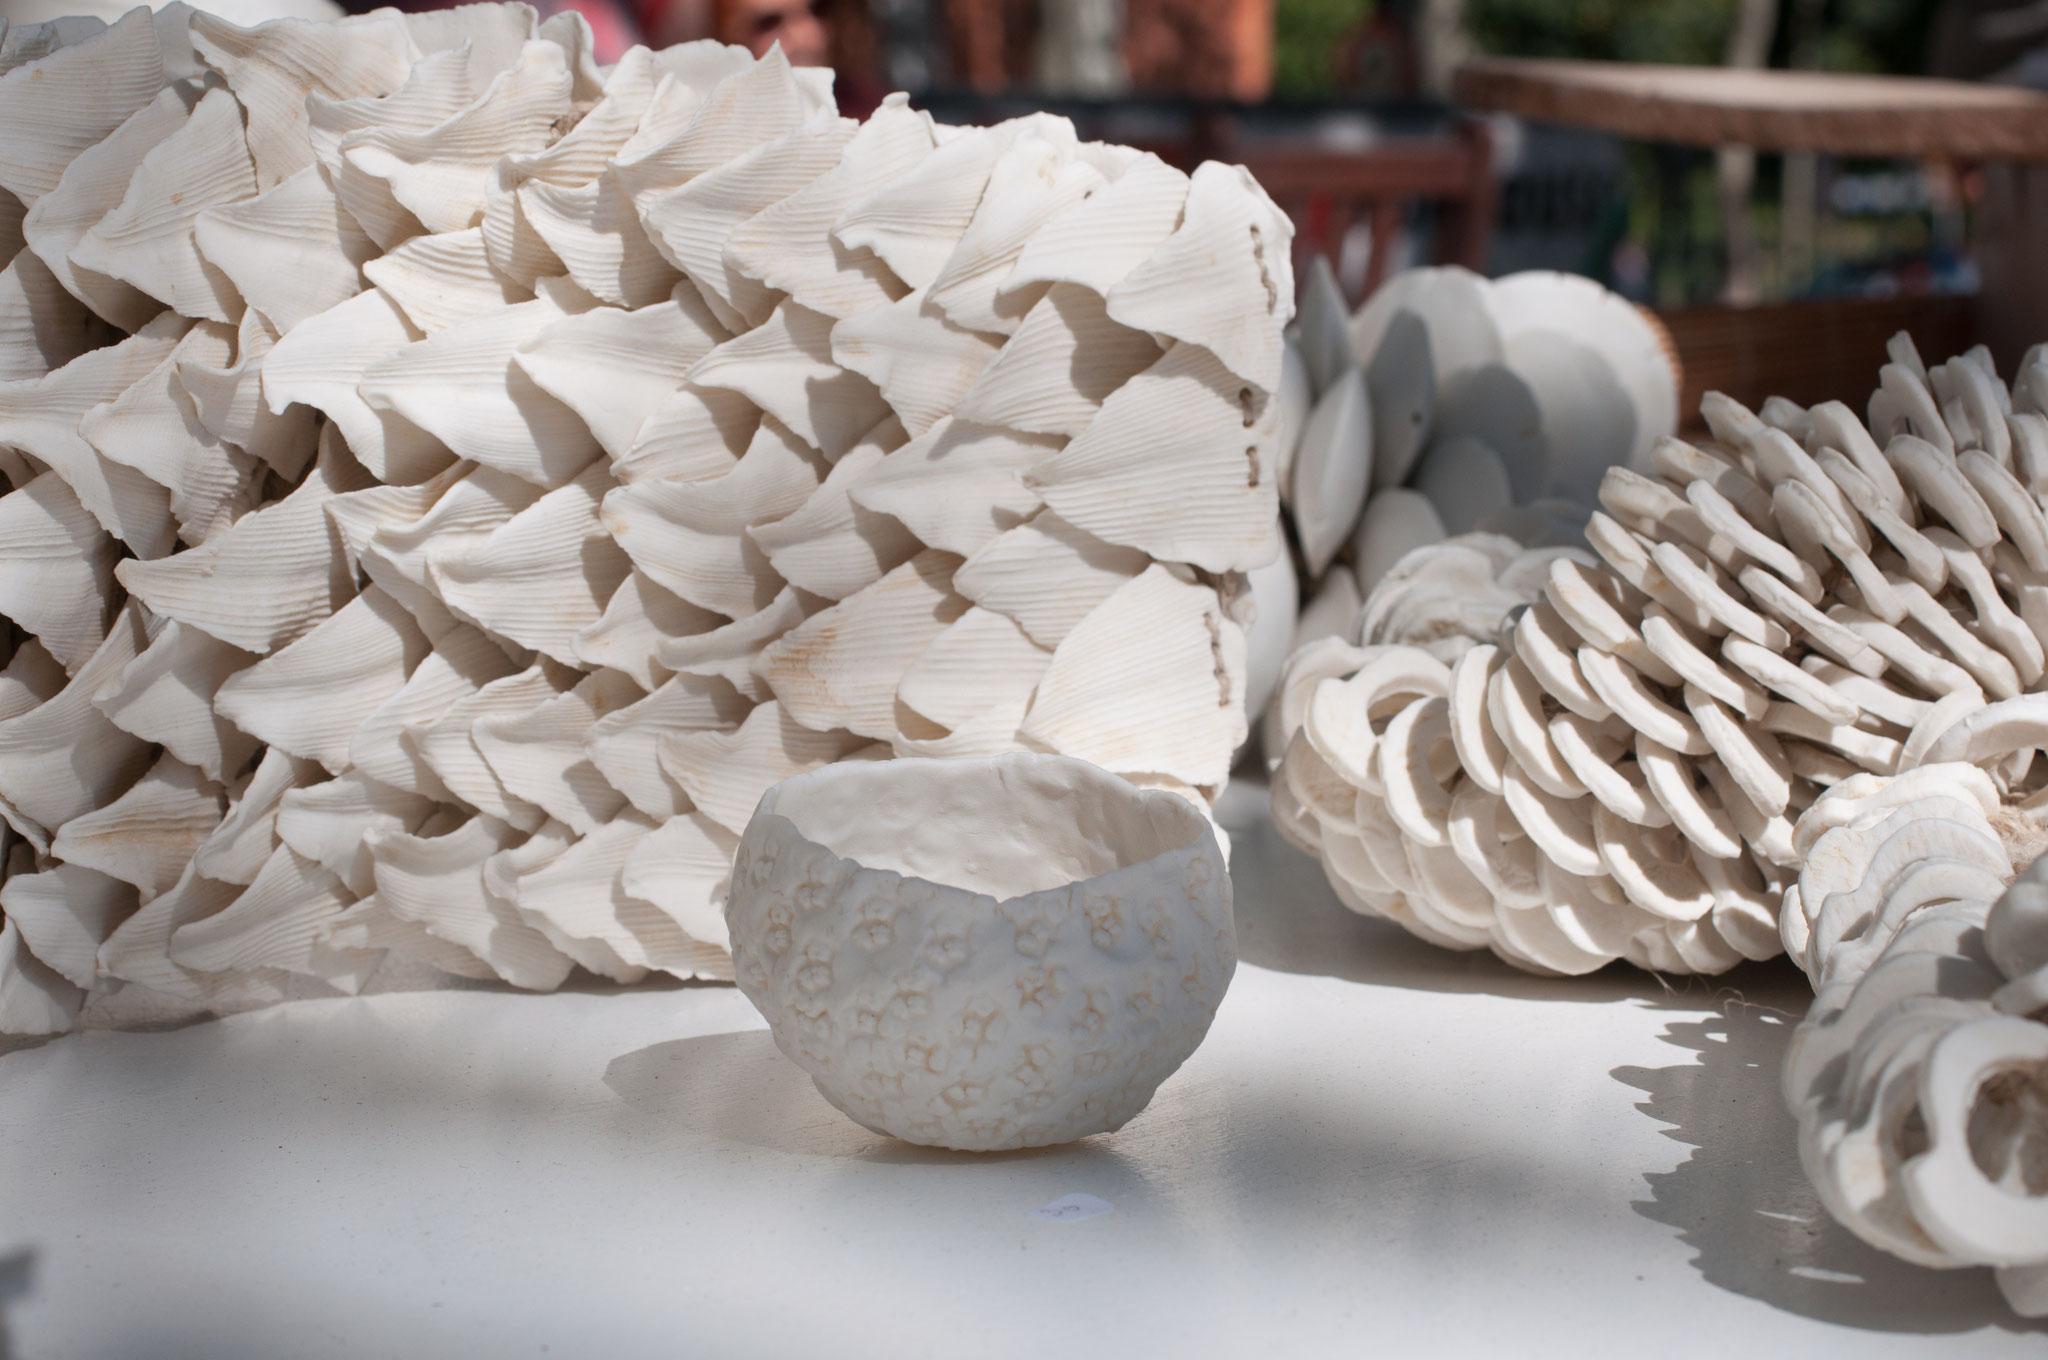 image3 50 | Terre et Terres | Marché Toulouse | Les Allées Céramique à Toulouse les 8 et 9 octobre 2016 | Article | Terre et Terres | 1 novembre 2017